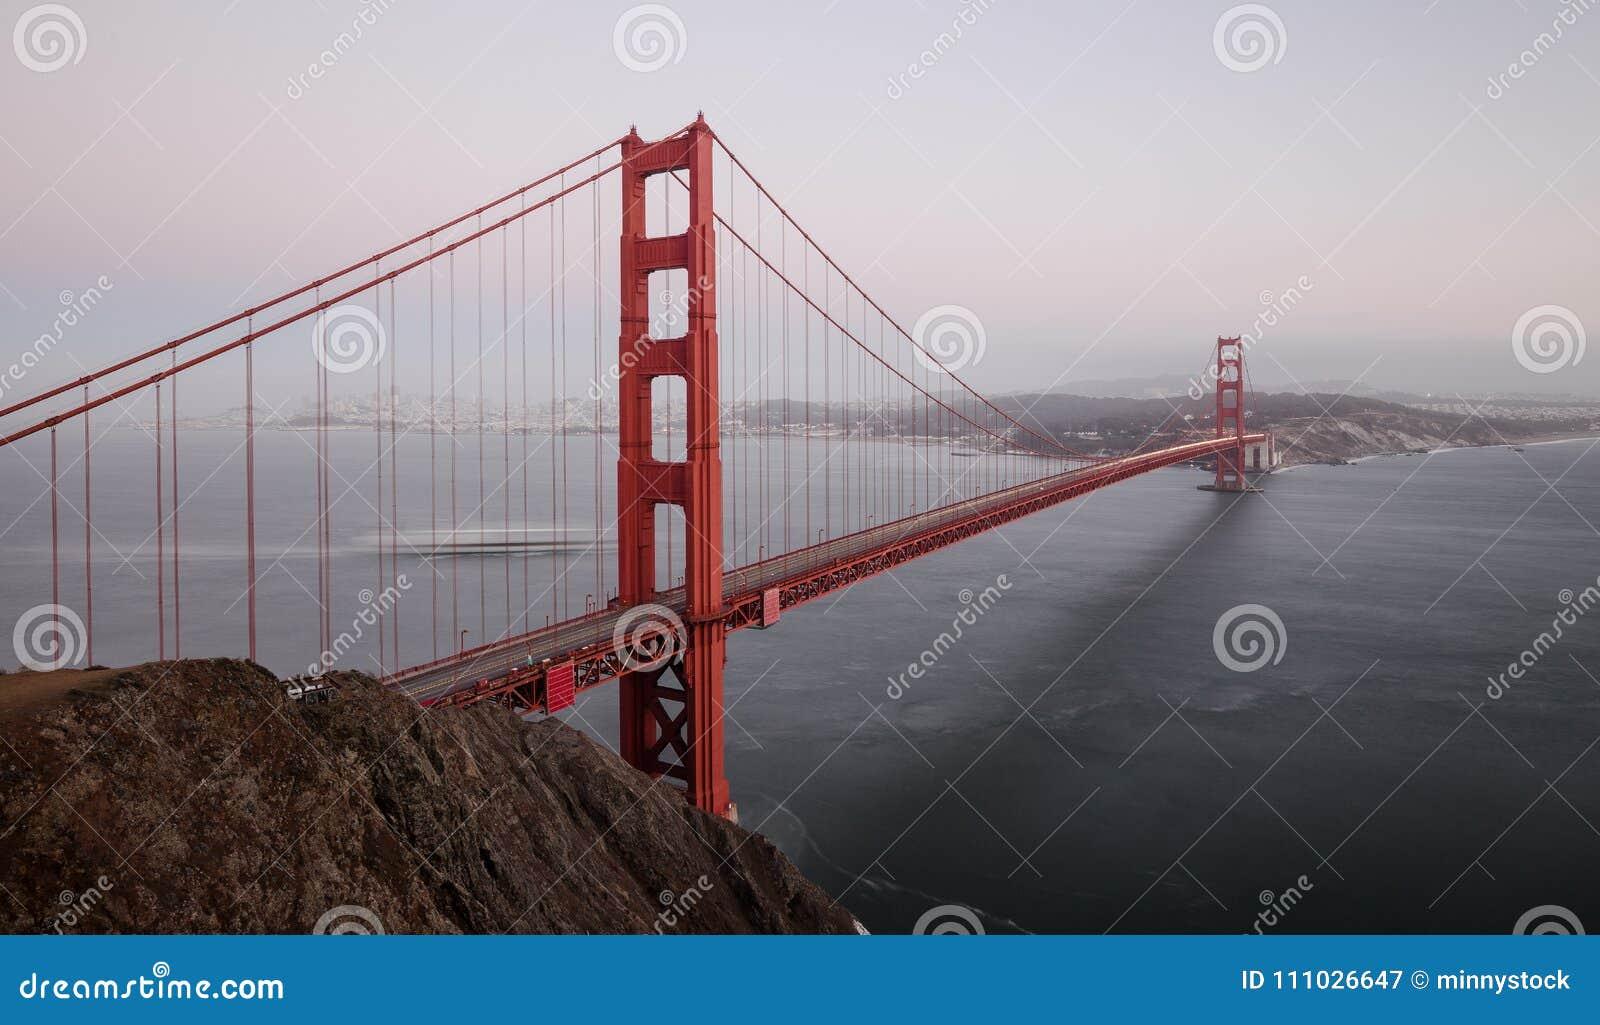 Golden gate bridge in der Dämmerung, San Francisco, Kalifornien, USA